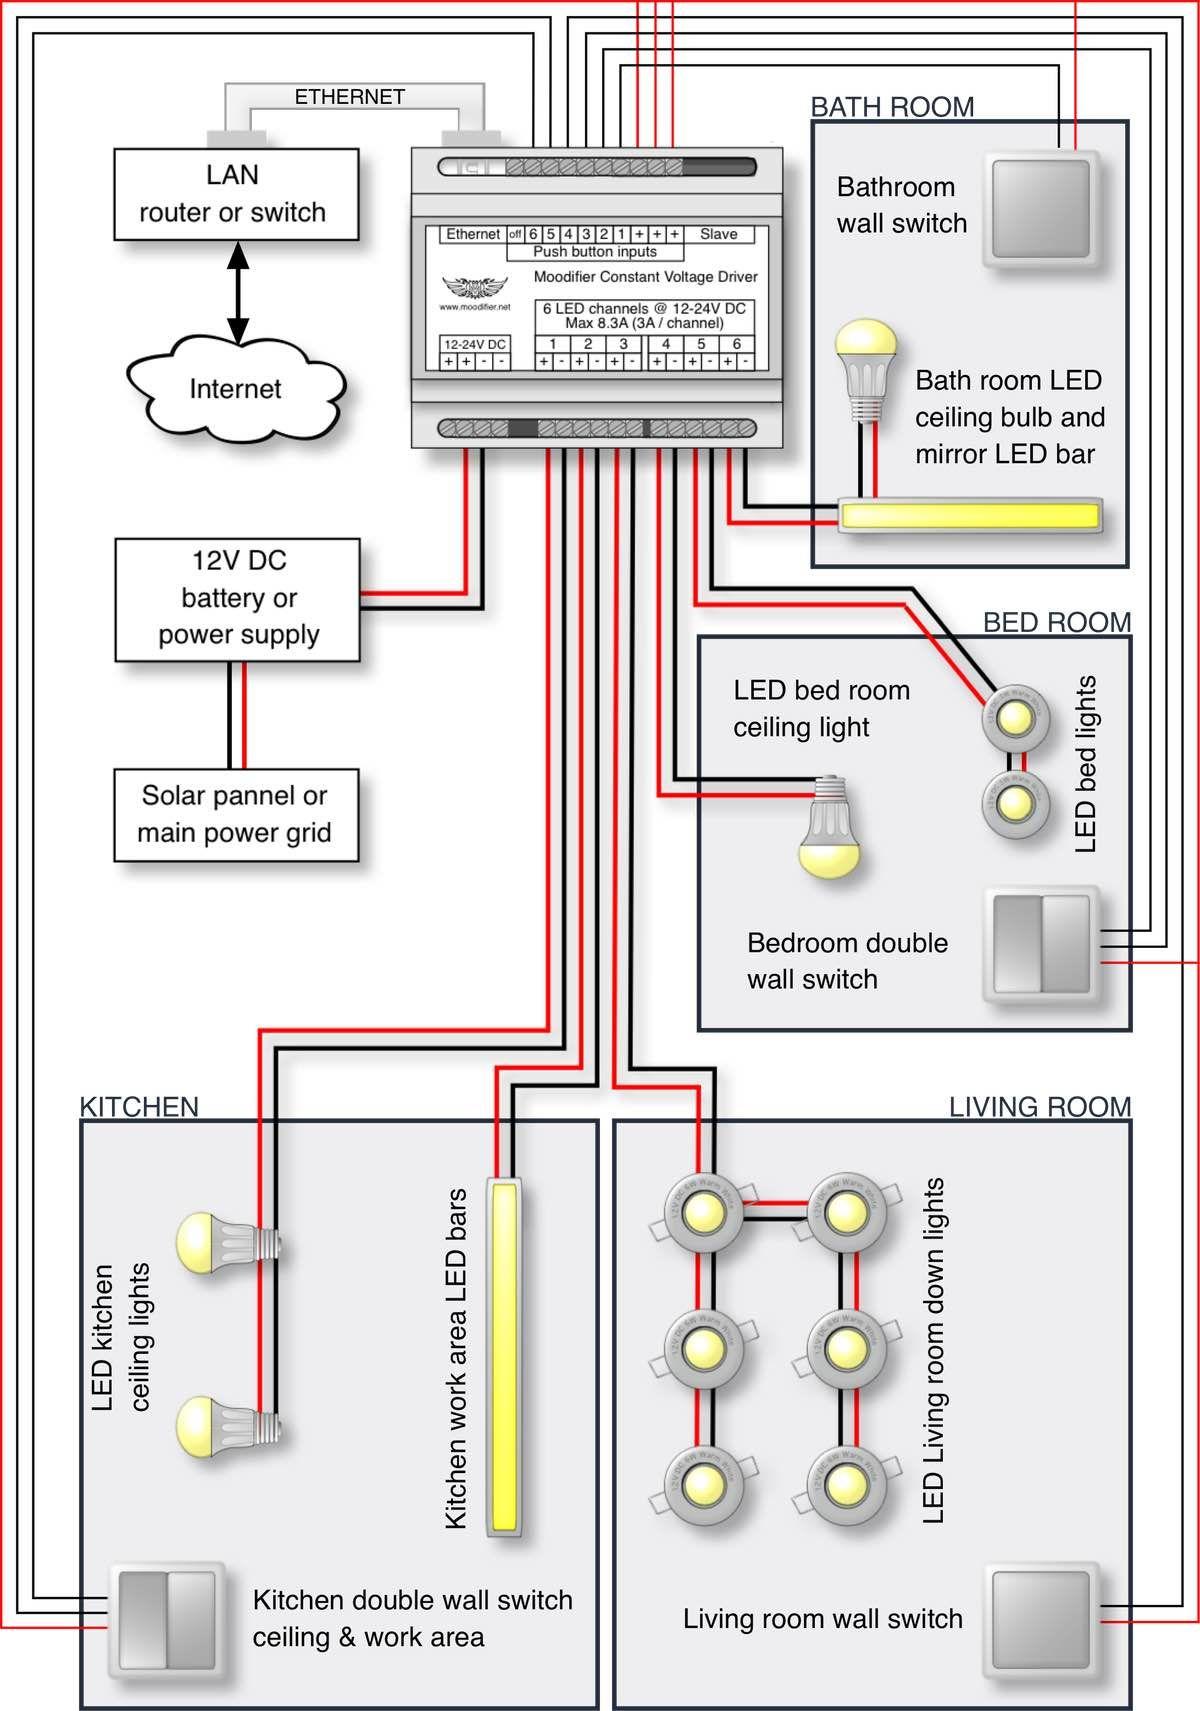 44 Luxury Led Bar Light Wiring Diagram Bar Lighting Led Light Bars Led Beds